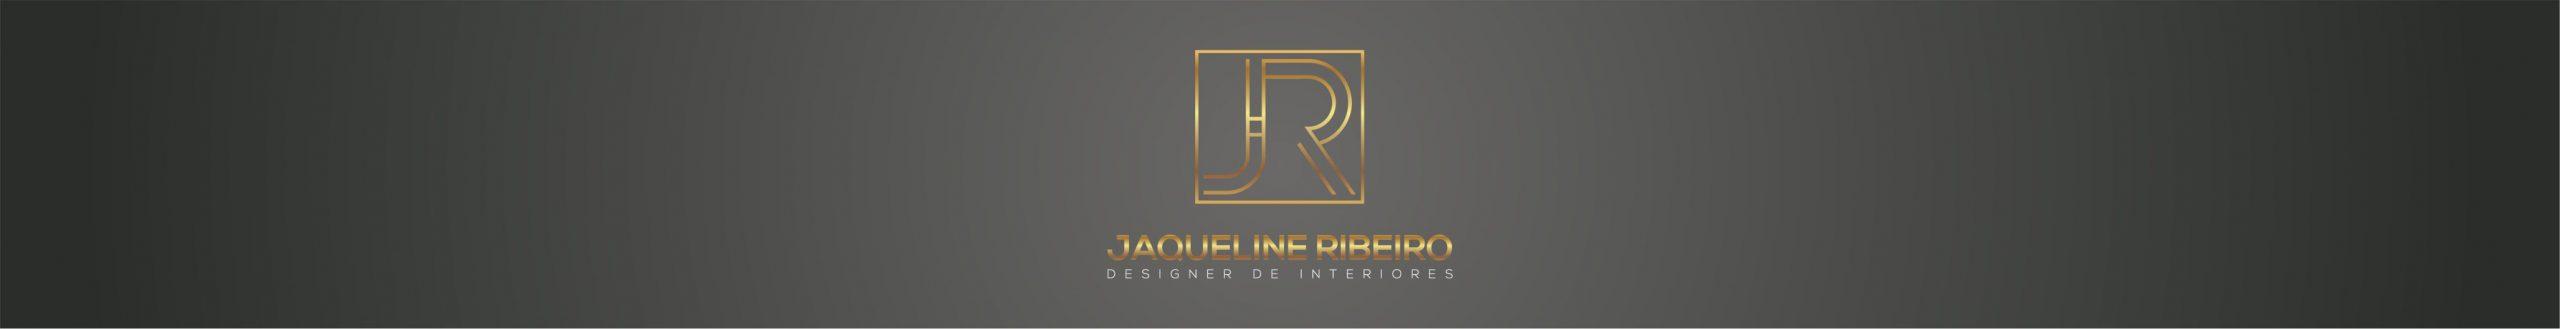 Plantas Dentro De Casa Design De Interiores Jaqueline Ribeiro